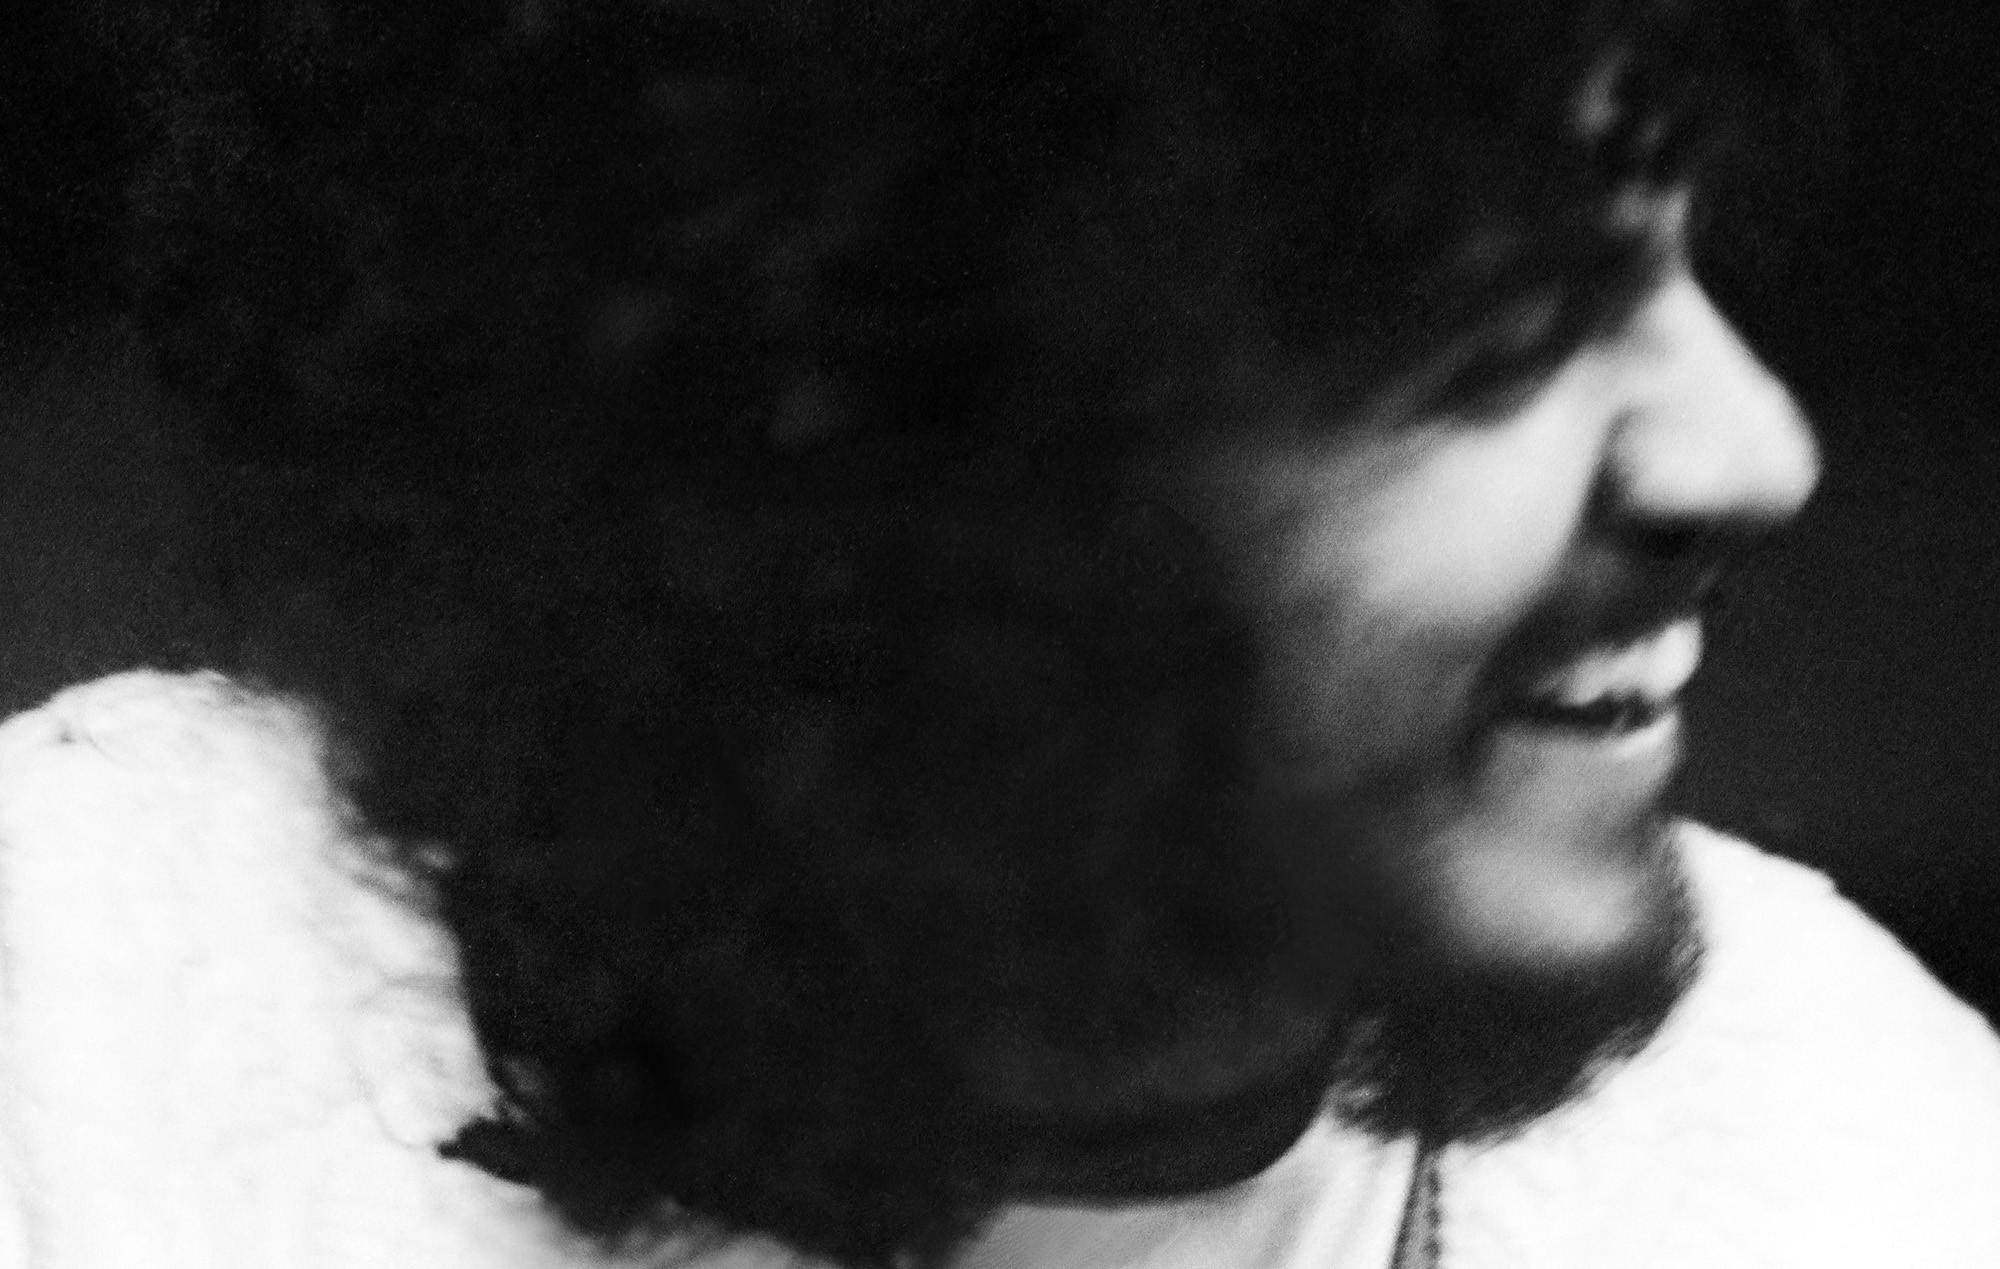 Taiguara refaz o caminho de Geraldo Vandré em disco póstumo com gravações inéditas  - Notícias - Plantão Diário